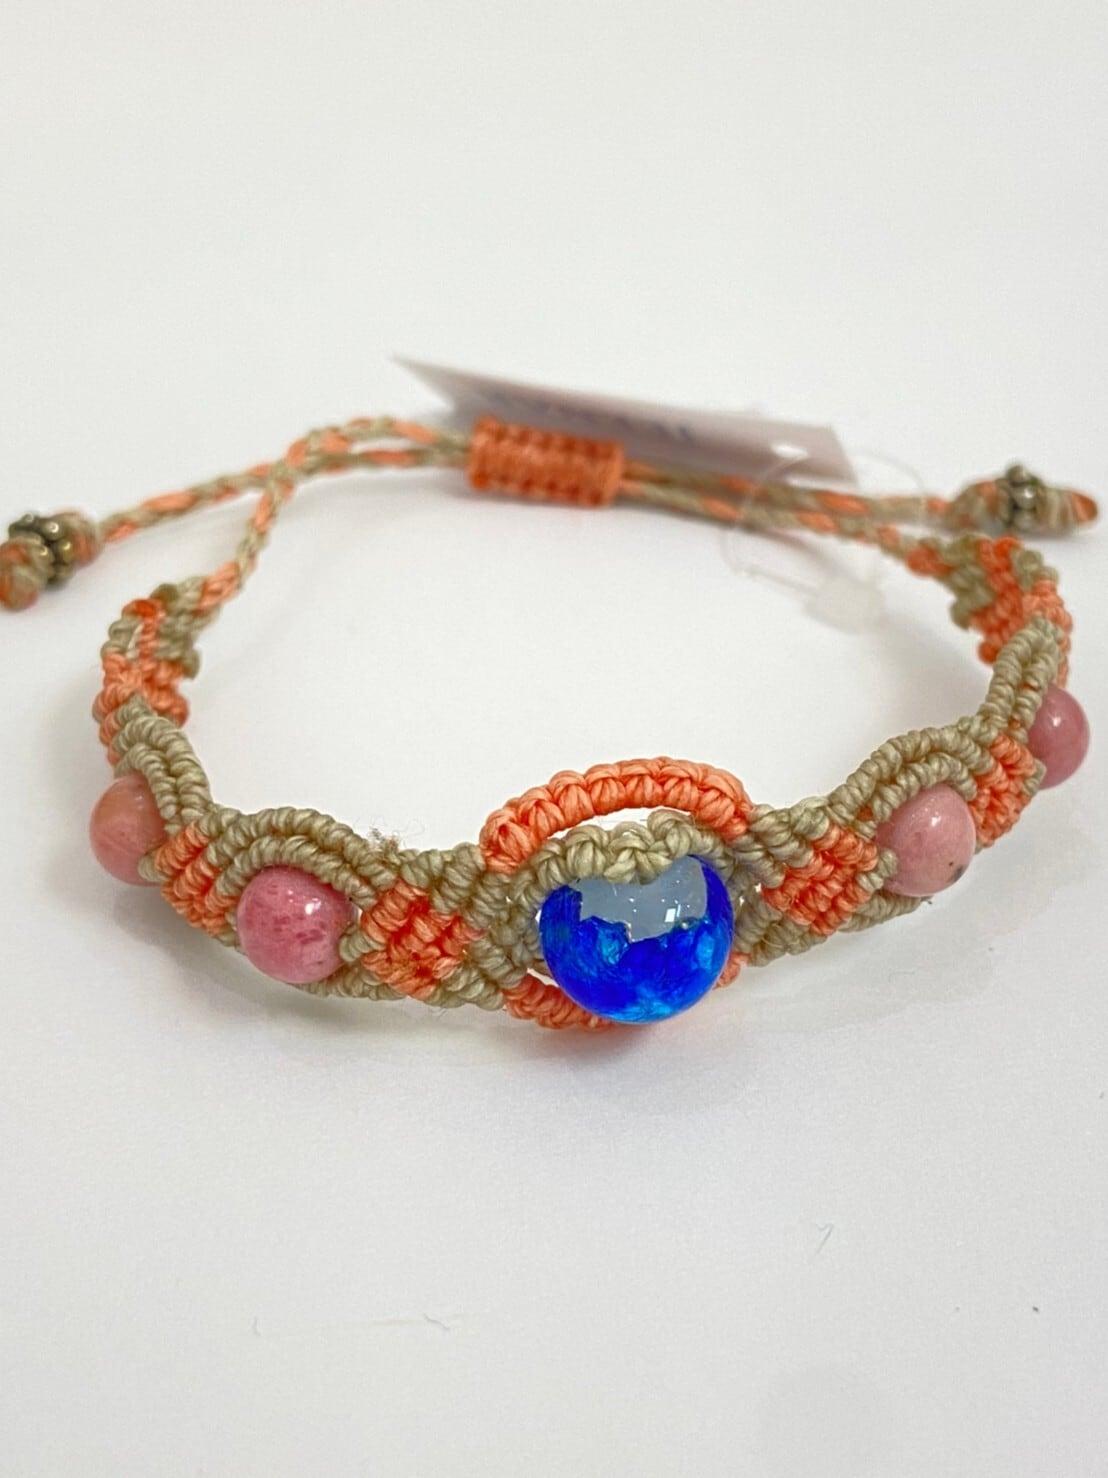 【JEENAR】ホワイトホタルガラス/マクラメ編みブレスレット(BRW-70)